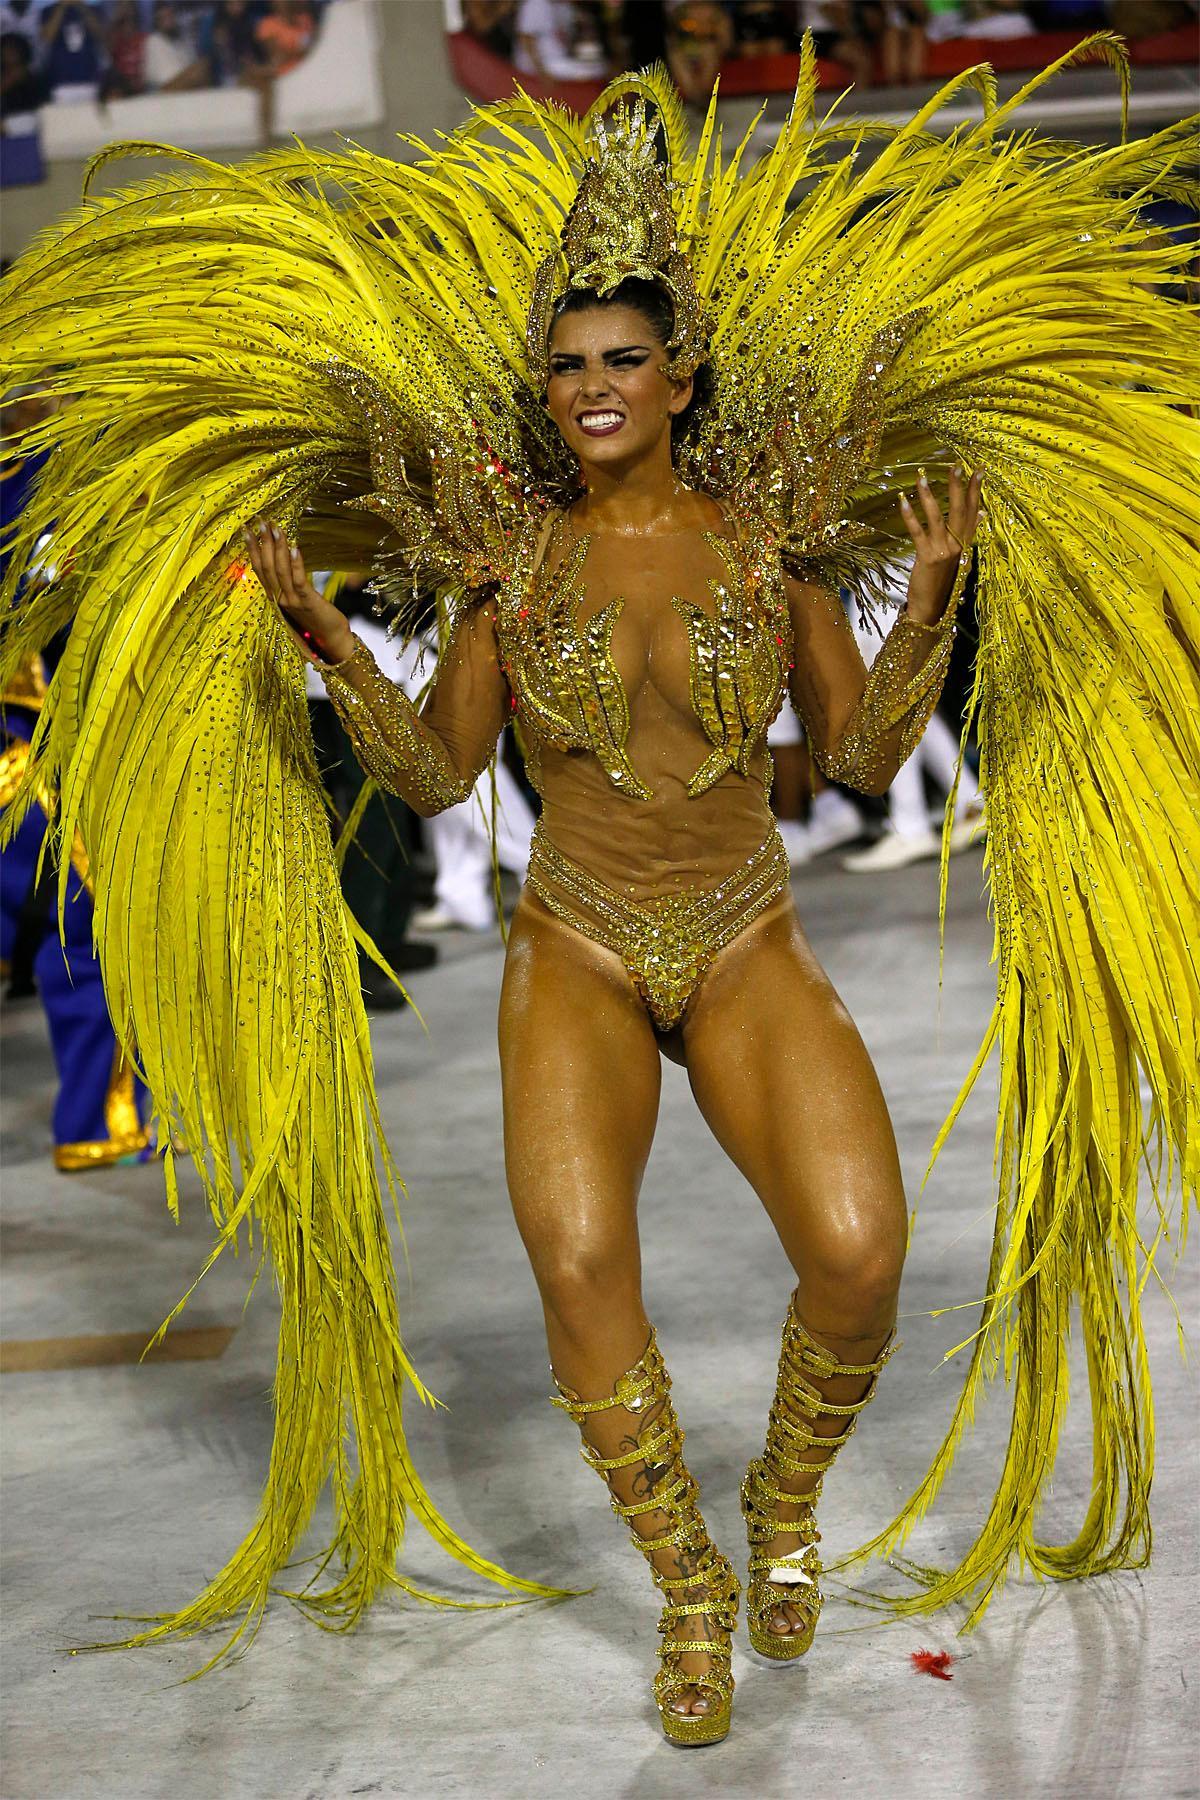 Carnaval Rio Nude Cameltoe Hot 84